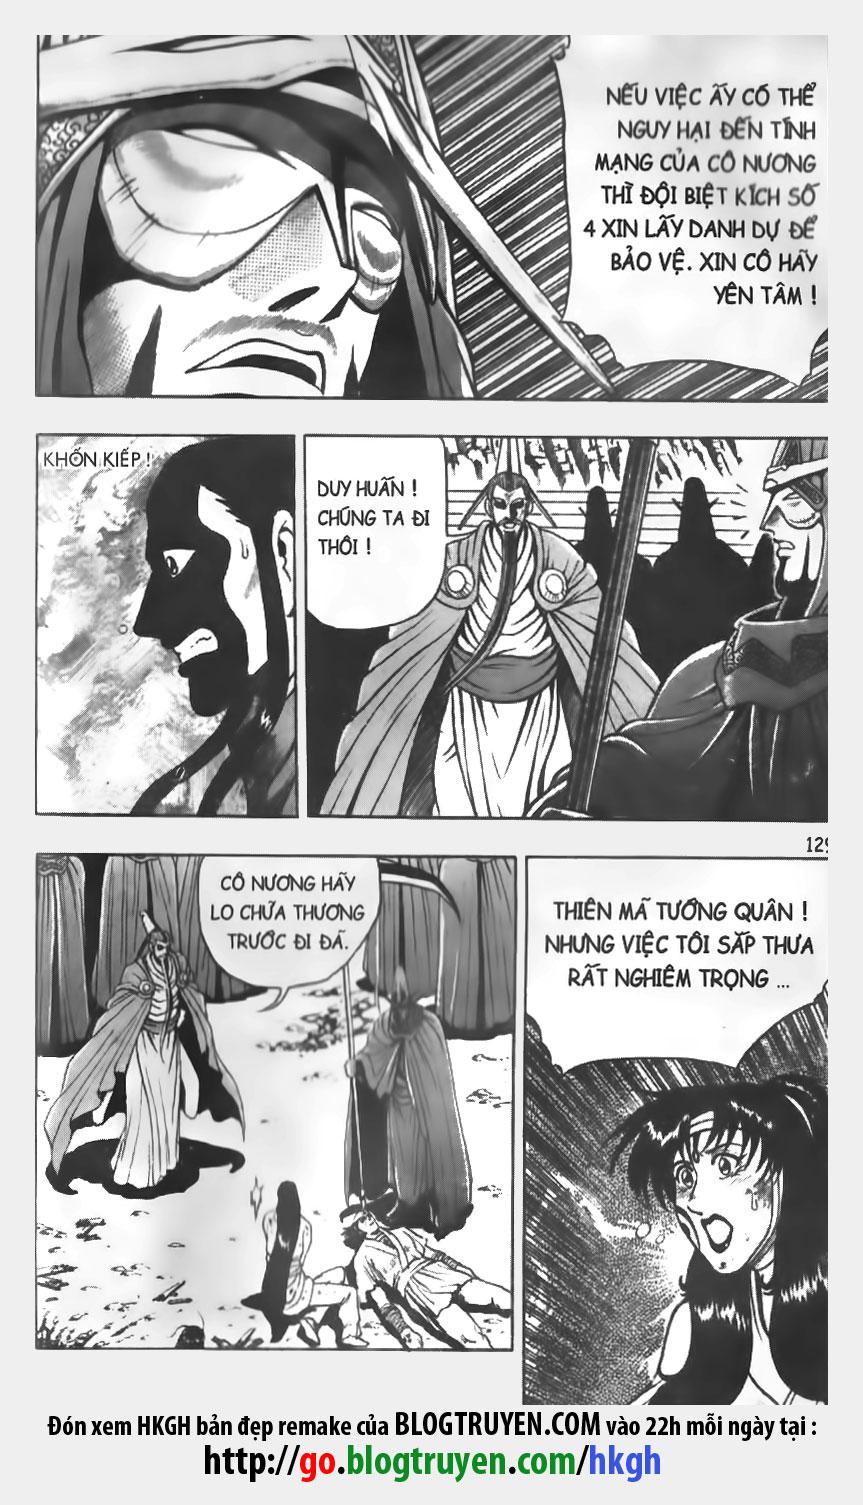 Hiệp Khách Giang Hồ - Hiệp Khách Giang Hồ Chap 066 - Pic 17